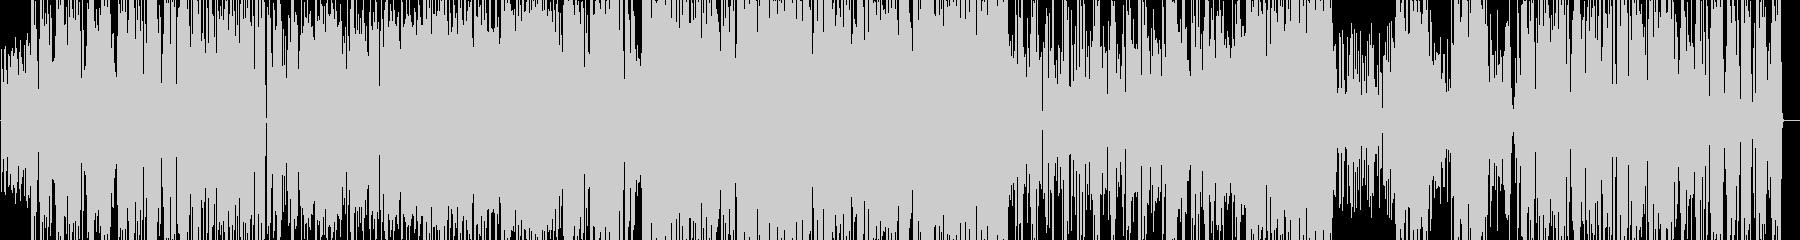 大人な雰囲気のジャズピアノトリオの未再生の波形